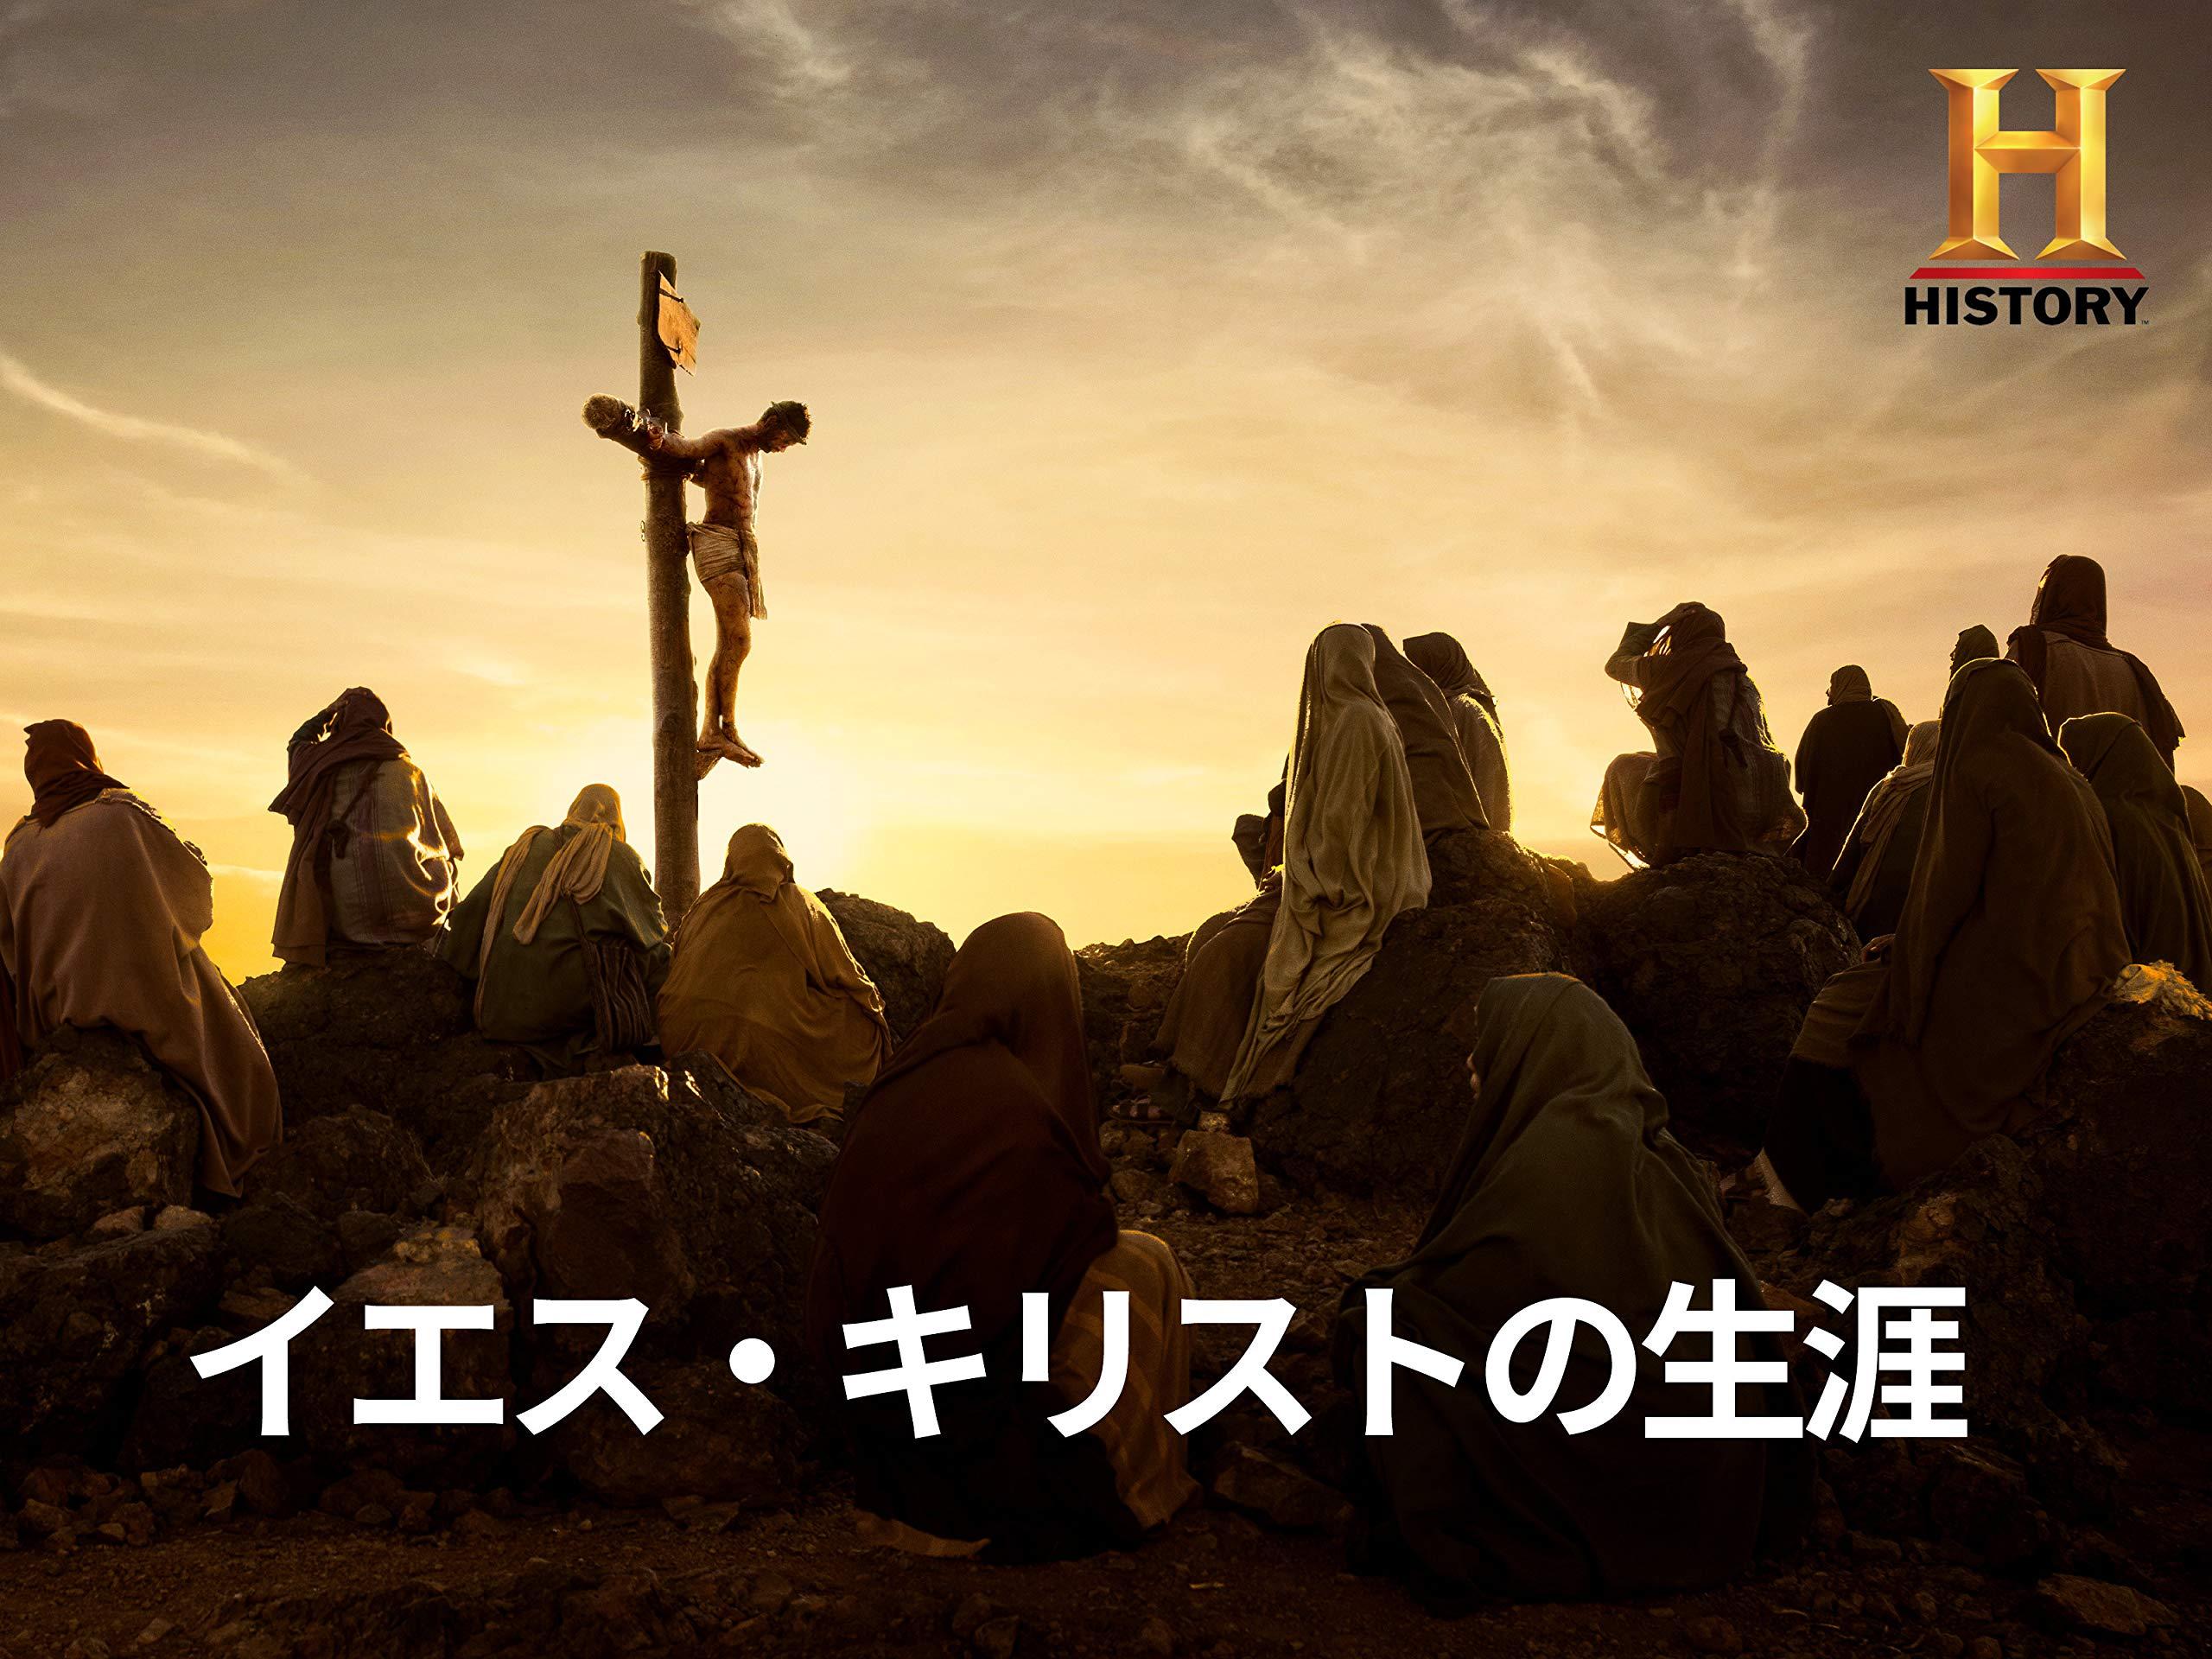 生涯 イエス の